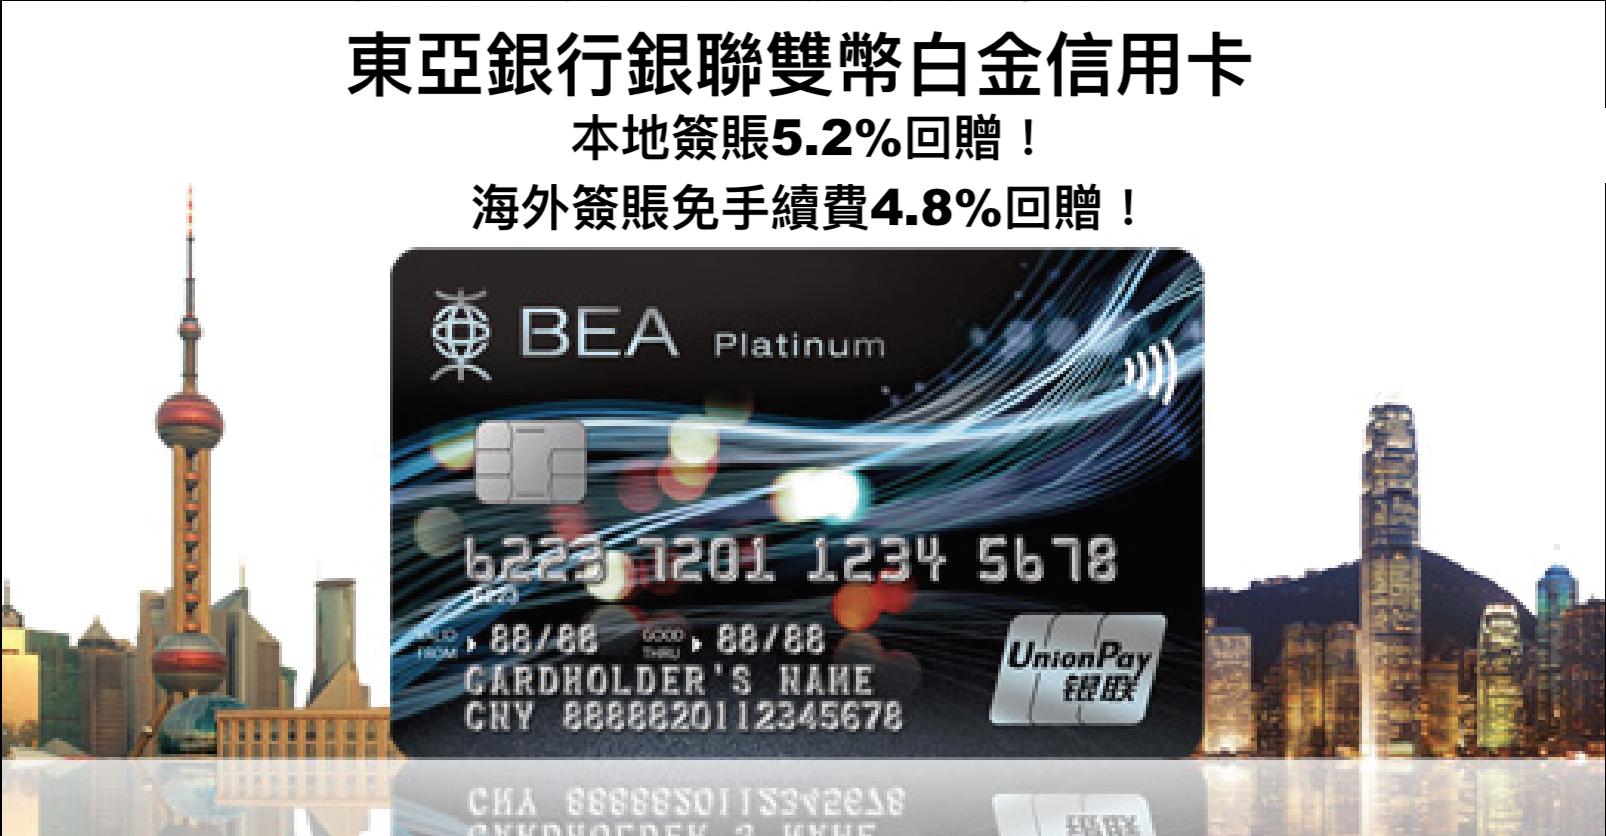 東亞銀行銀聯雙幣白金信用卡!任何本地簽賬5.2%現金回贈!食肆簽賬仲有5.6%!海外簽賬免手續費仲有4.8%現金回贈!